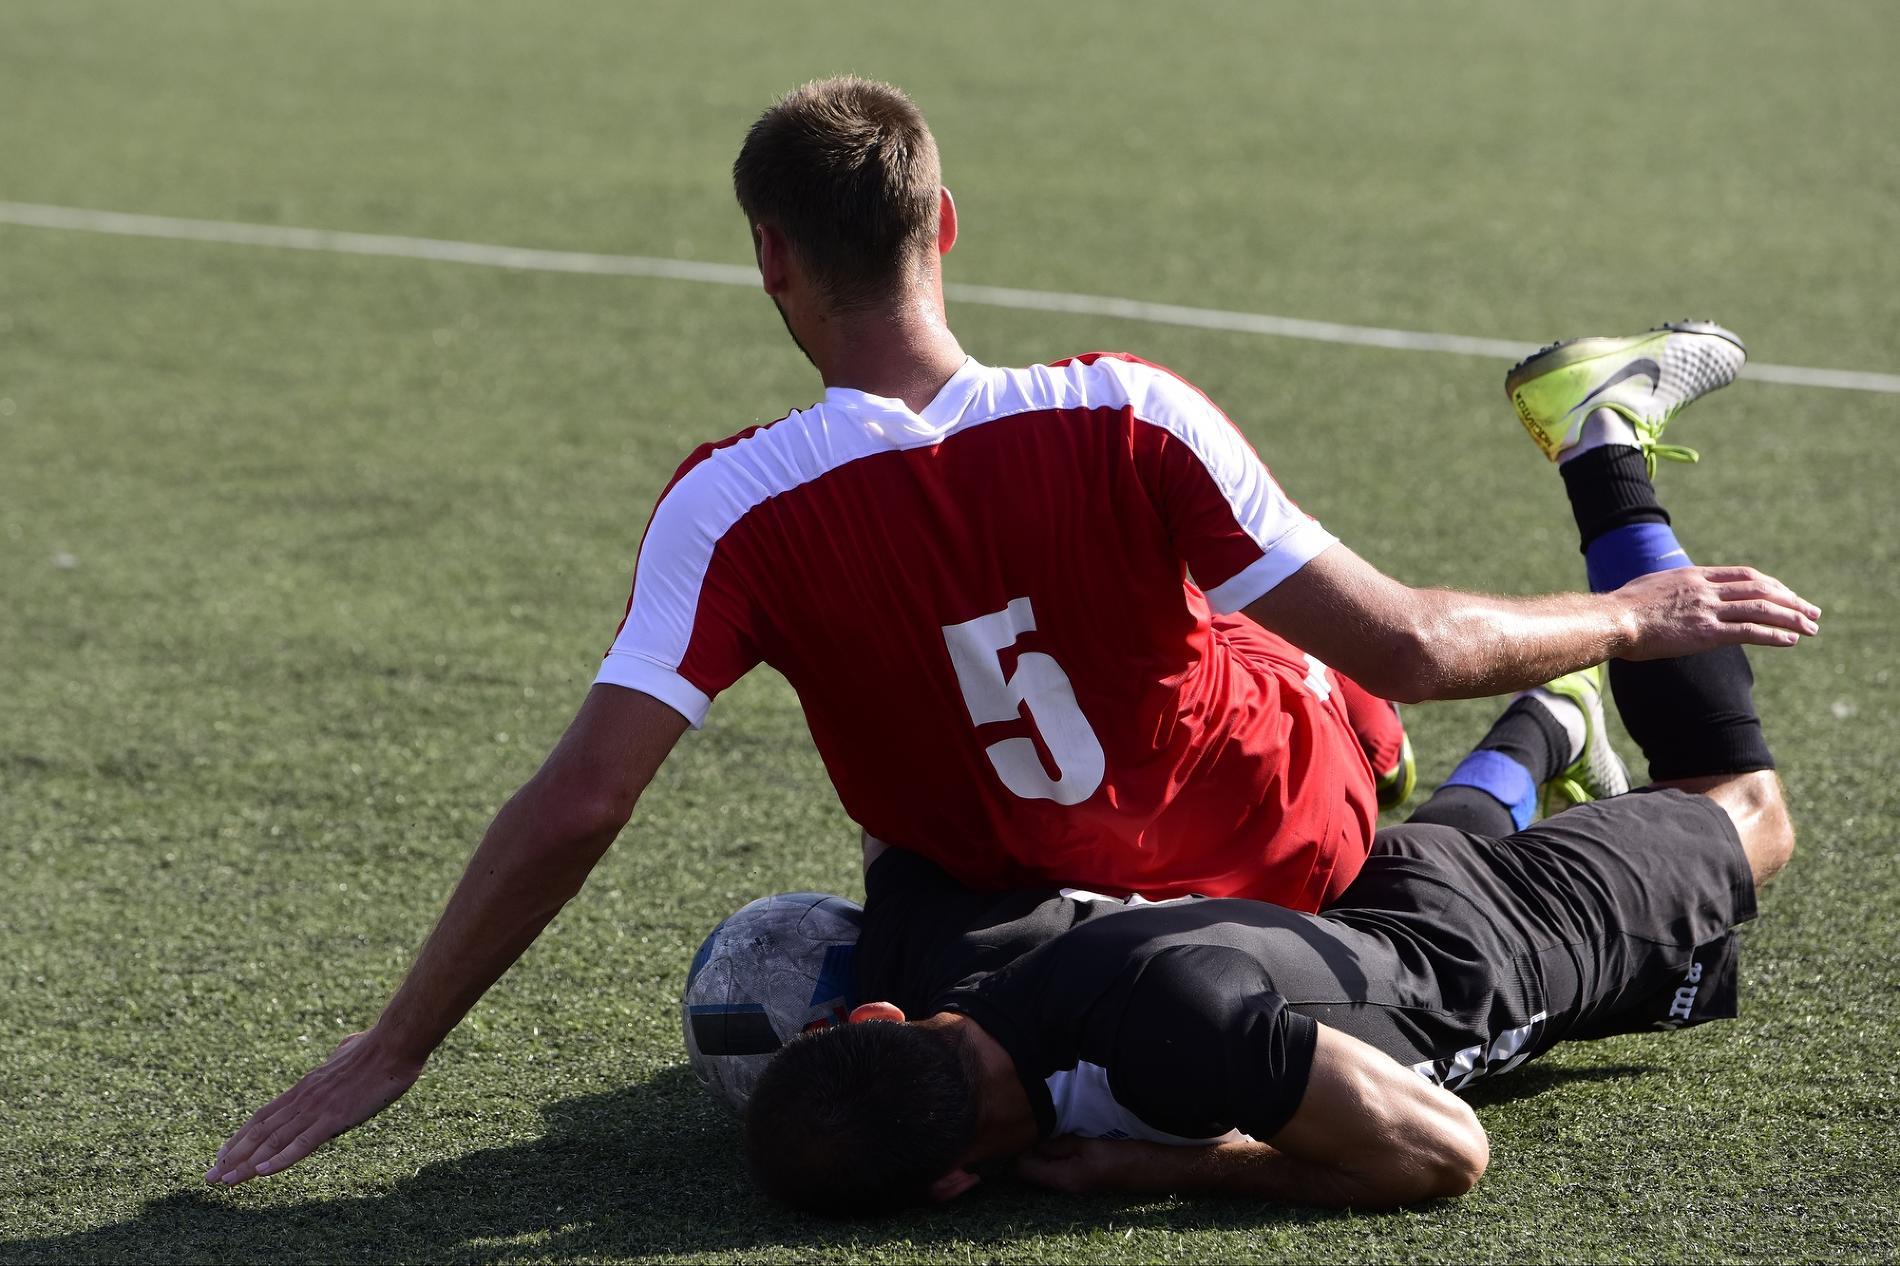 Футбольные матчи группового турнира среди мужчин ©Фото Елены Синеок, Юга.ру